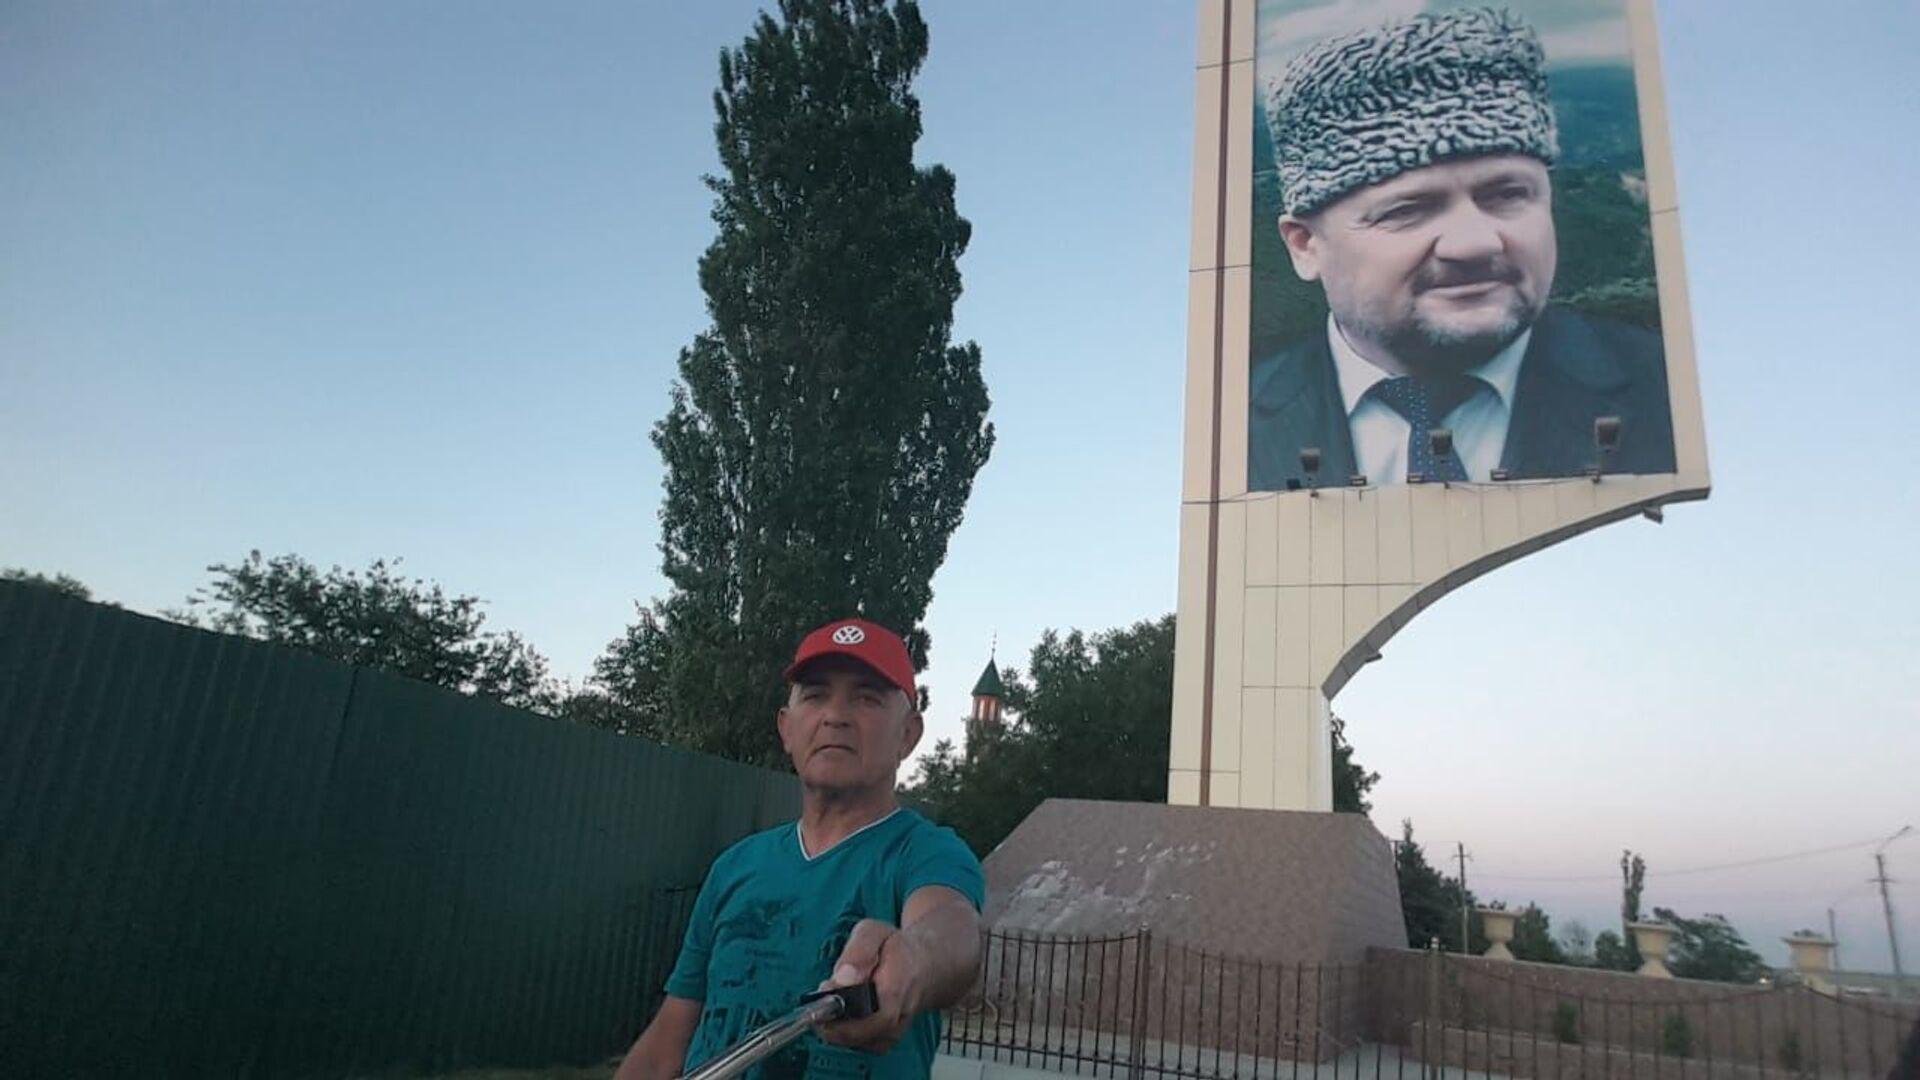 Пенсионер из Мингячевира готов отправиться в Европу на велосипеде - Sputnik Азербайджан, 1920, 27.07.2021